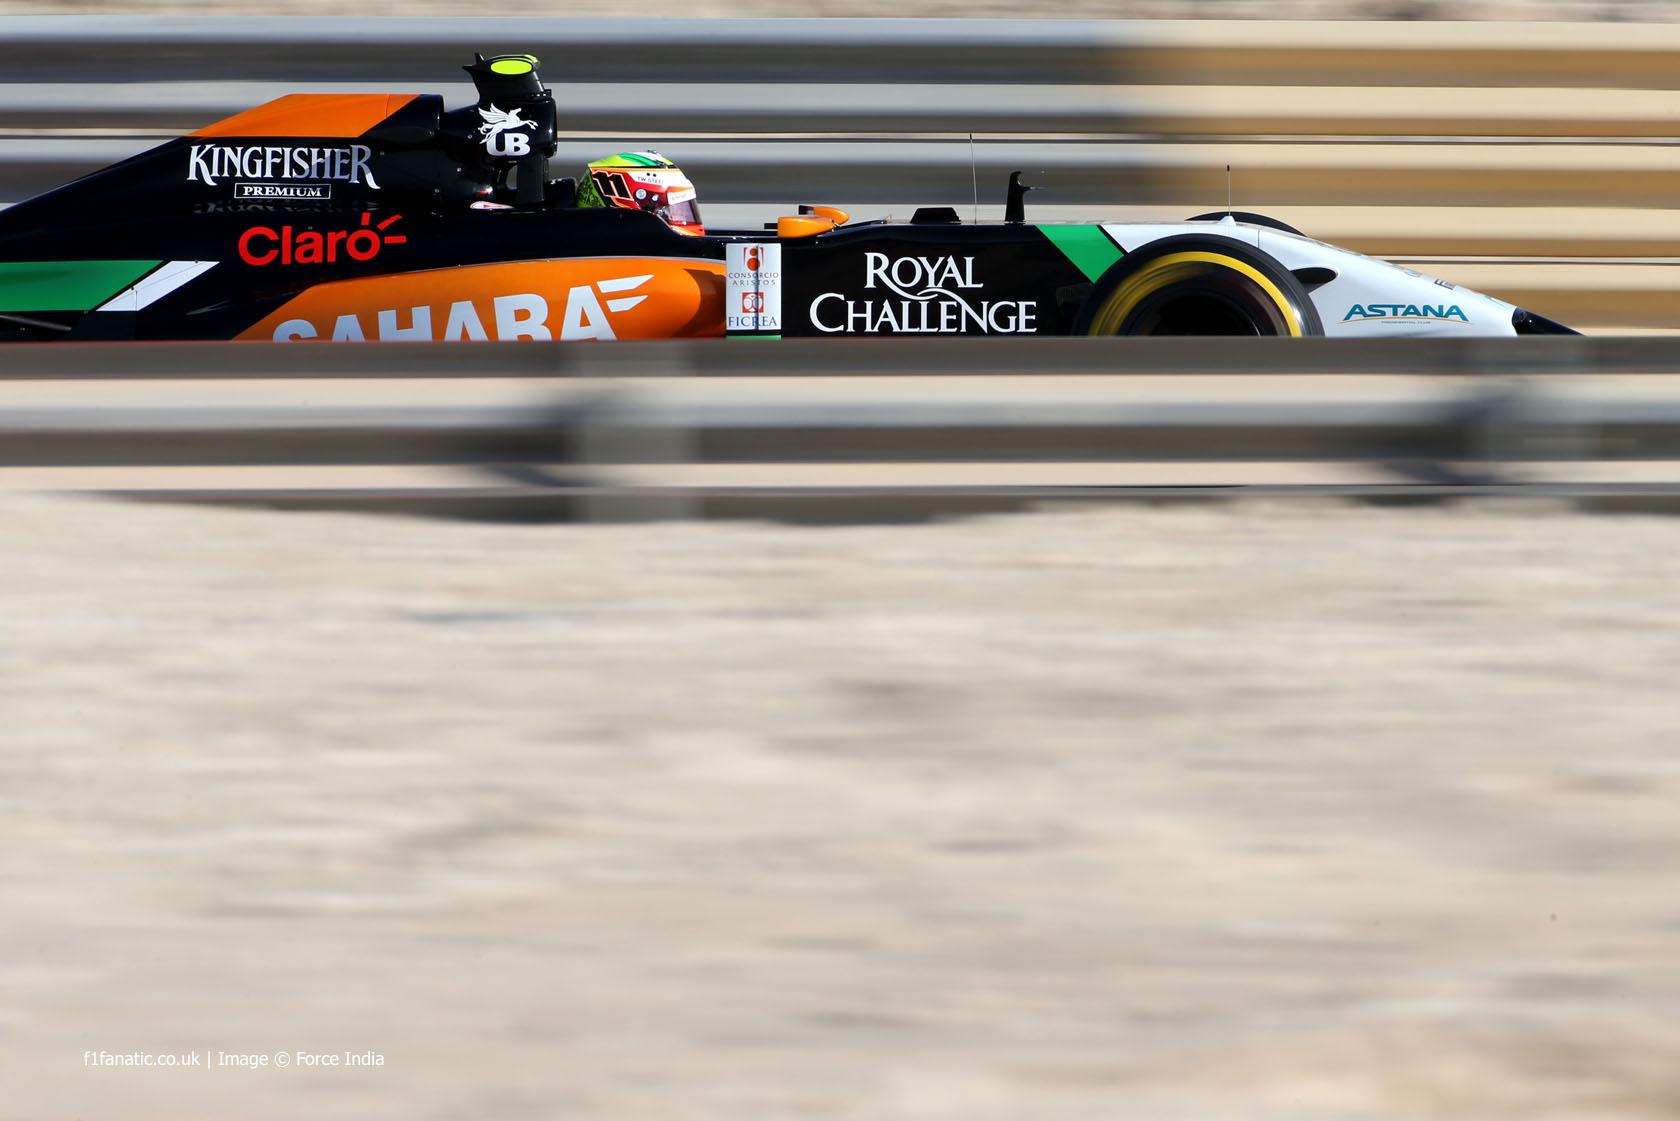 Motor Racing - Formula One World Championship - Bahrain Grand Prix - Qualifying Day - Sakhir, Bahrain